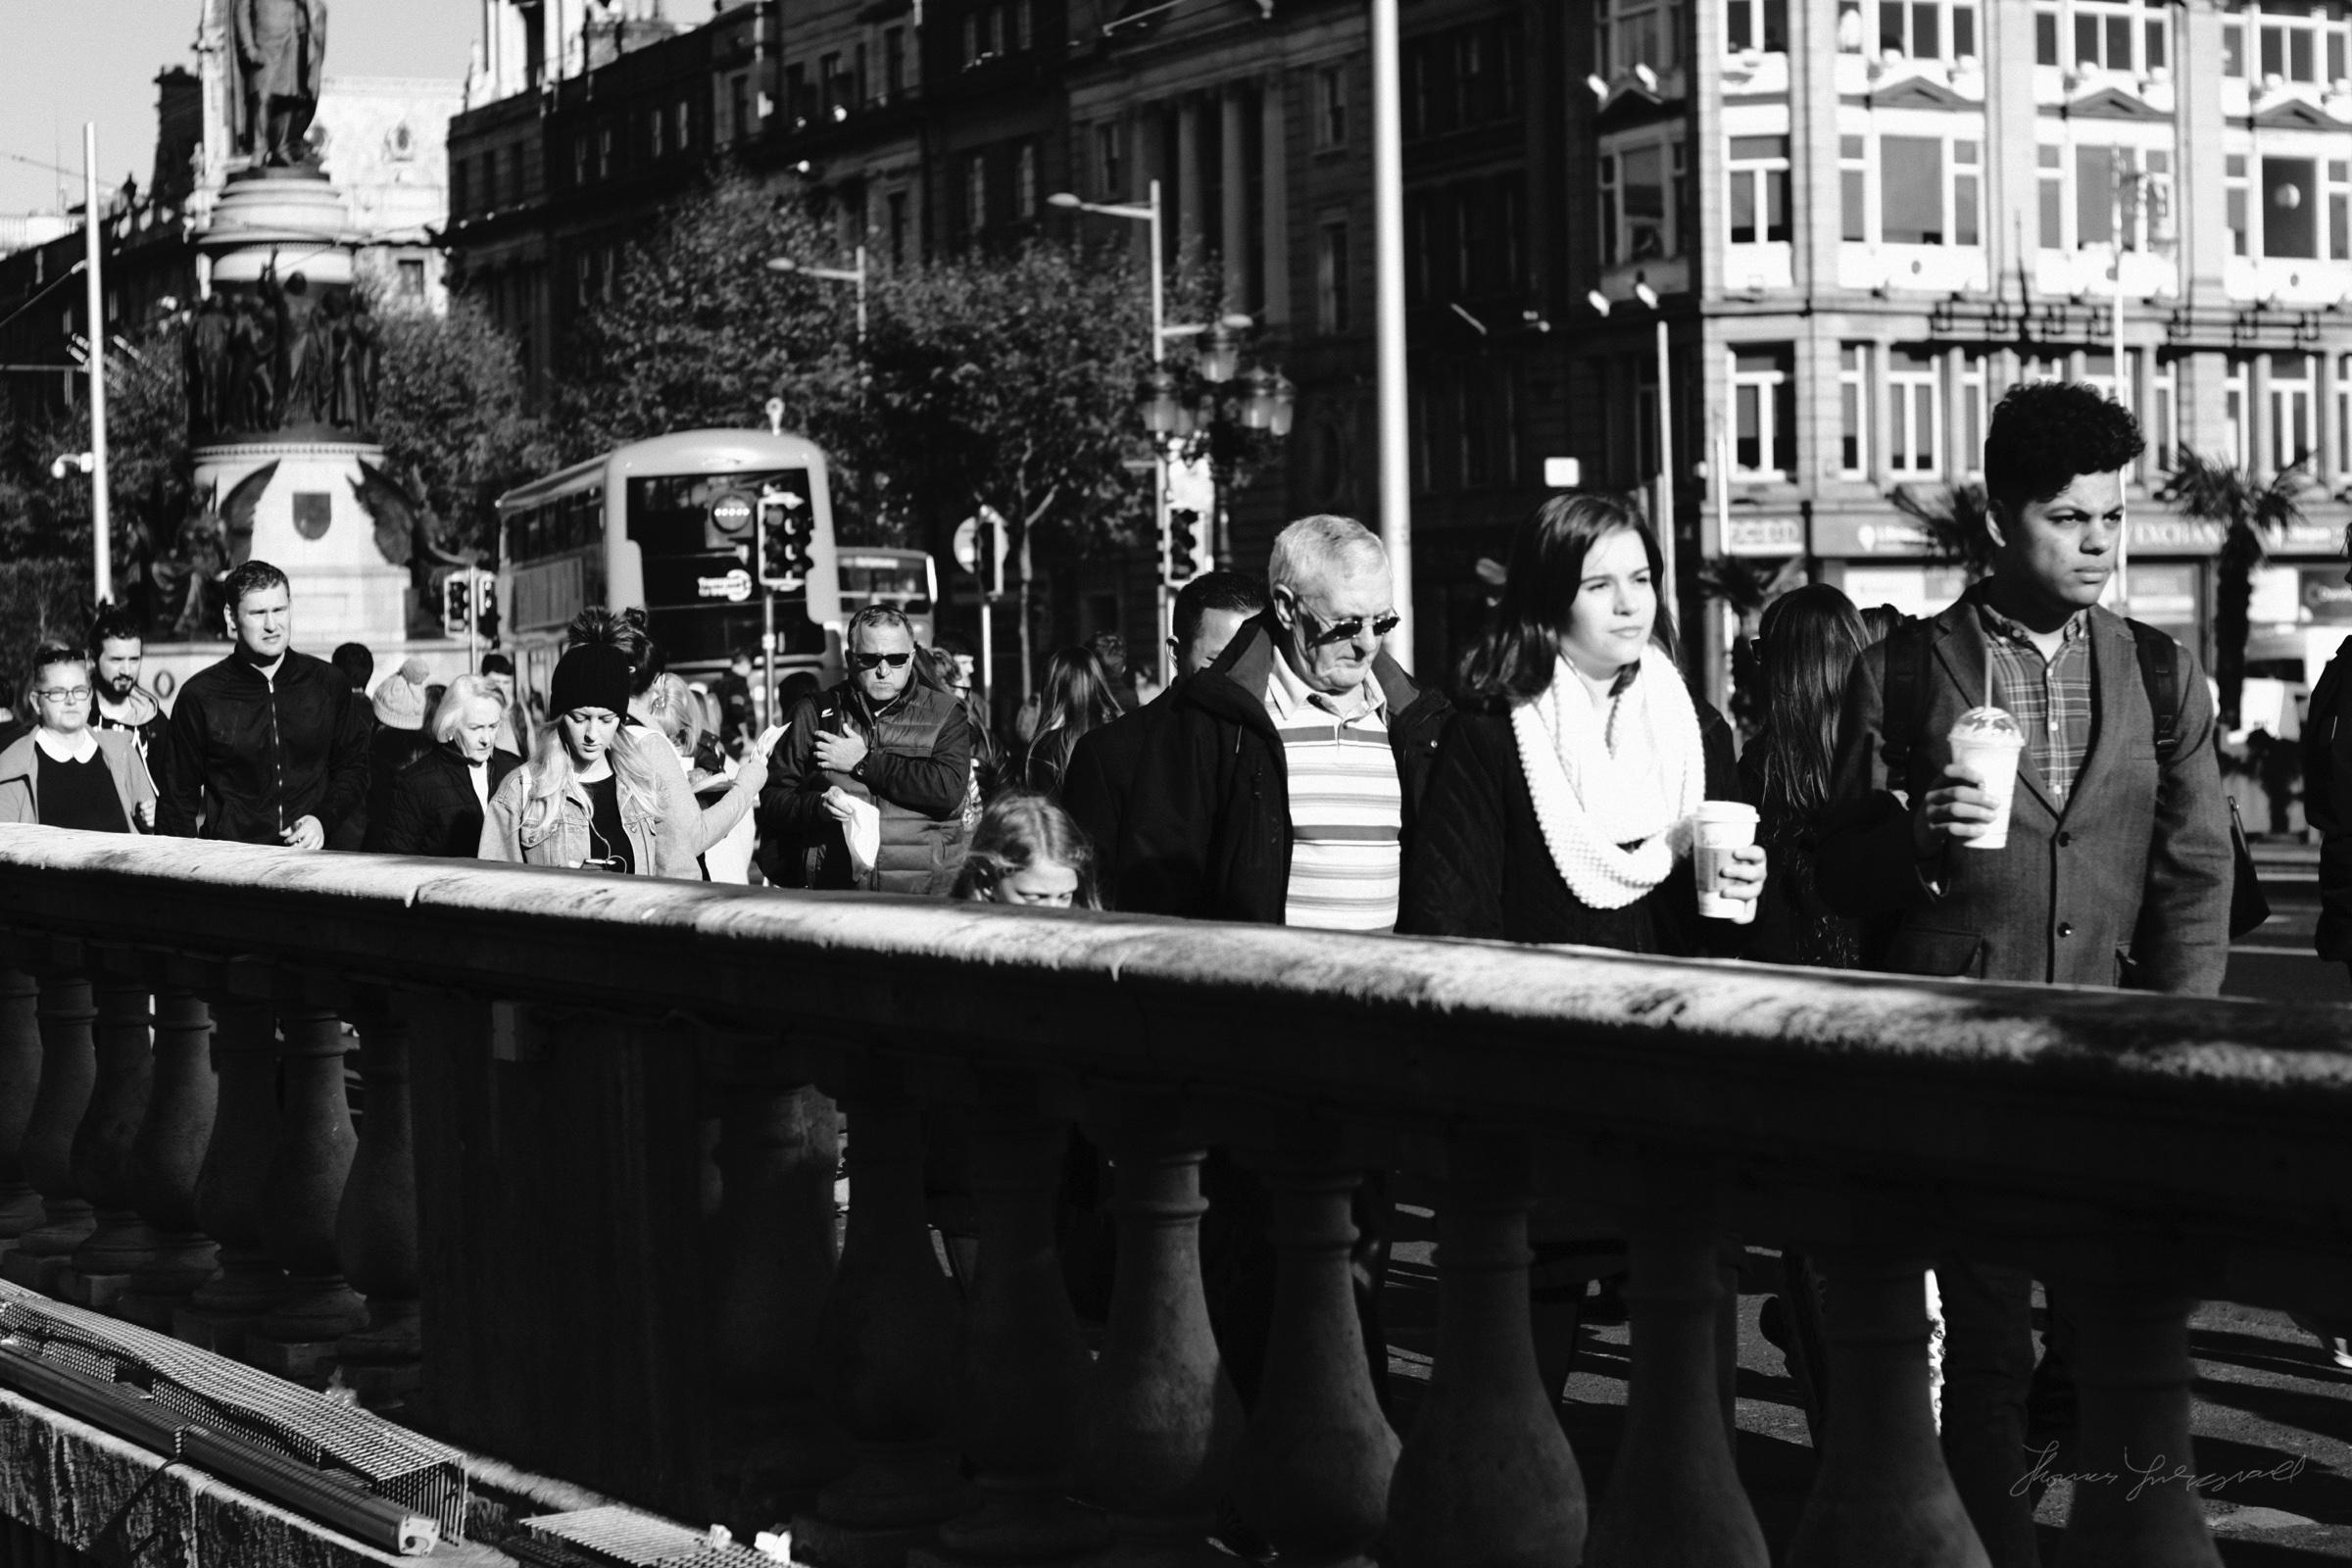 Street-Photography-Dublin-X-Pro2-Acros-016.jpg